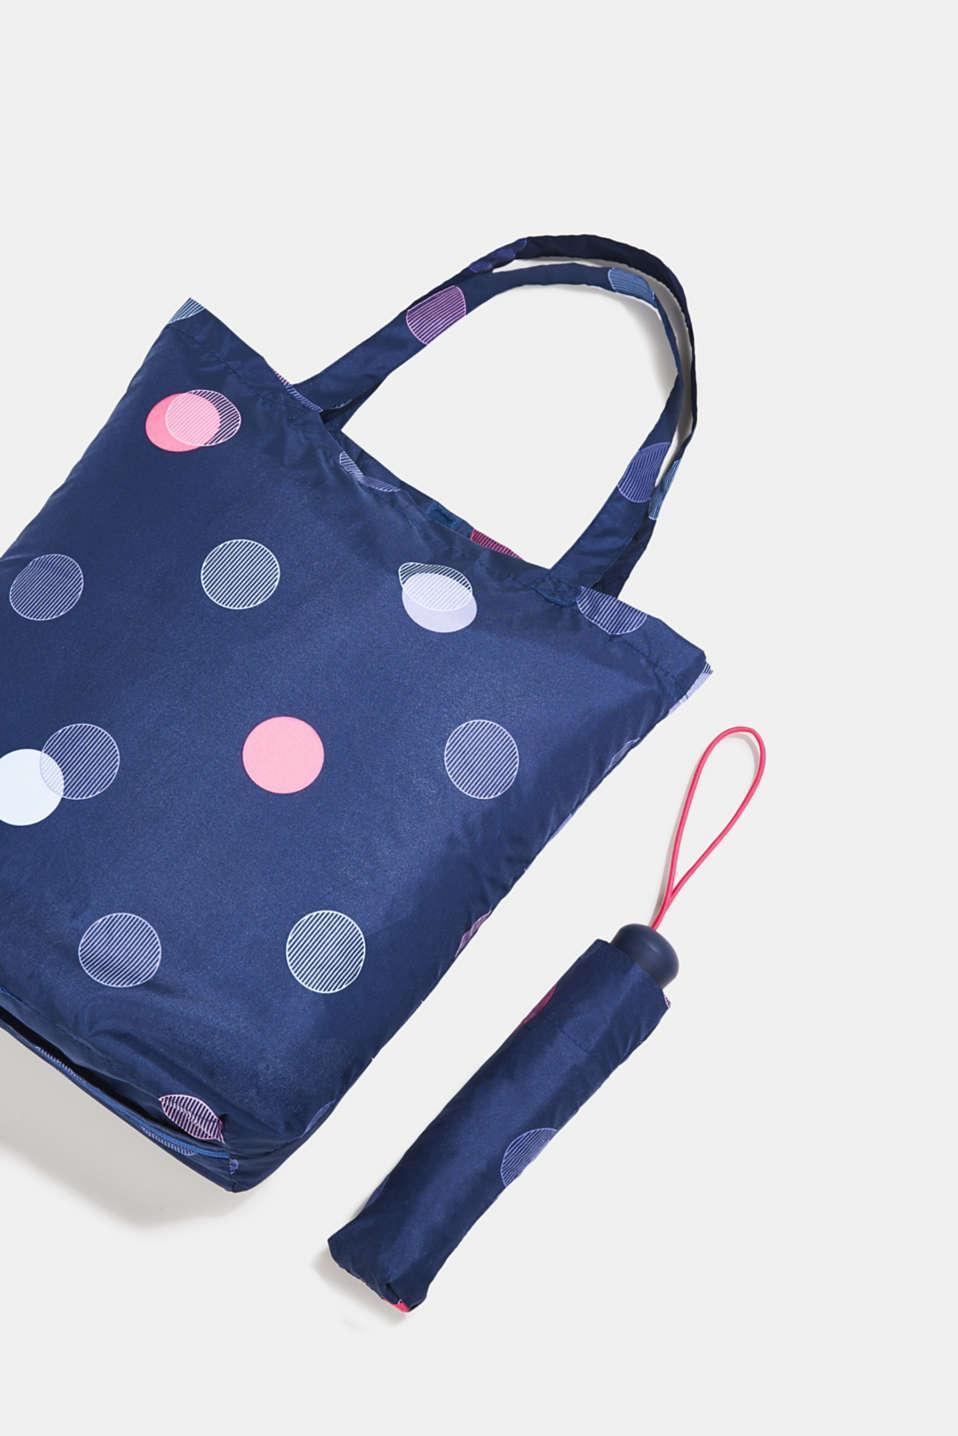 Pocket umbrella with nylon bag, 1COLOR, detail image number 1